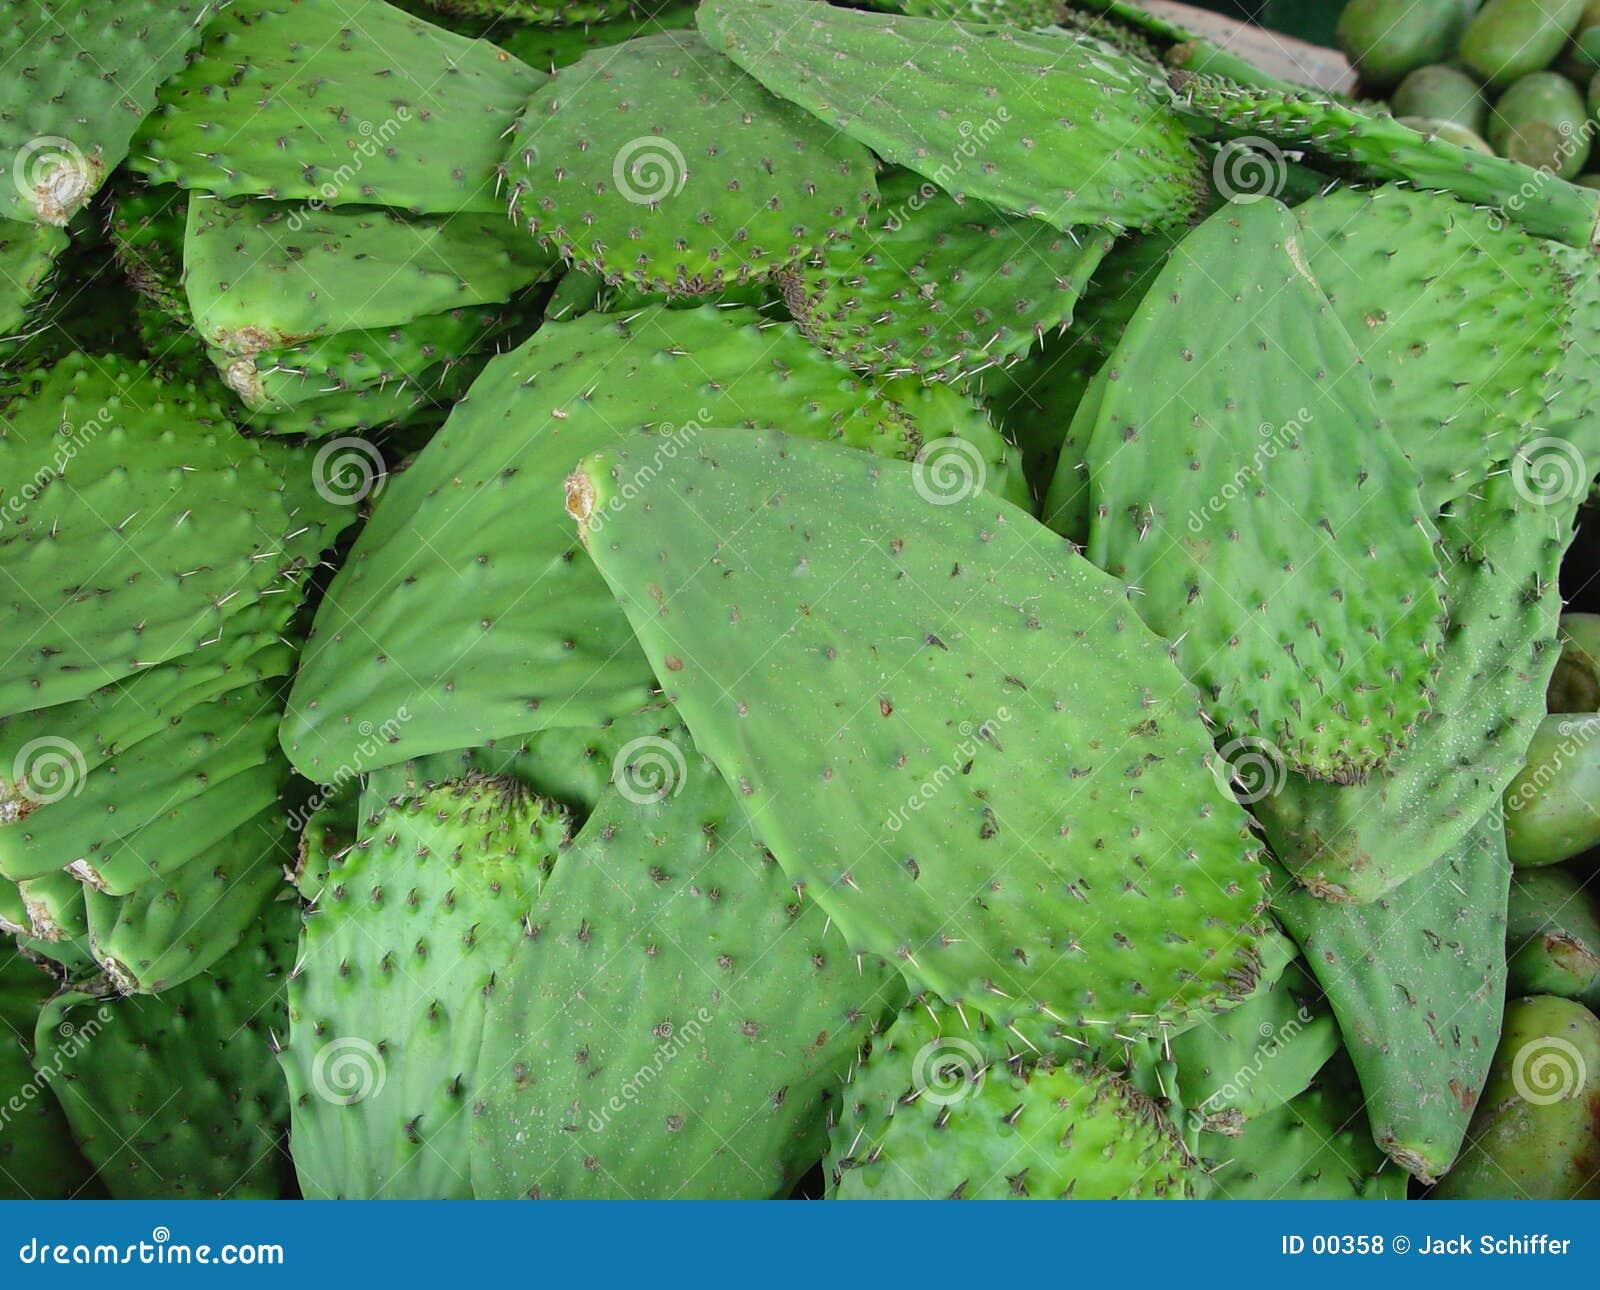 Cactus Leaves